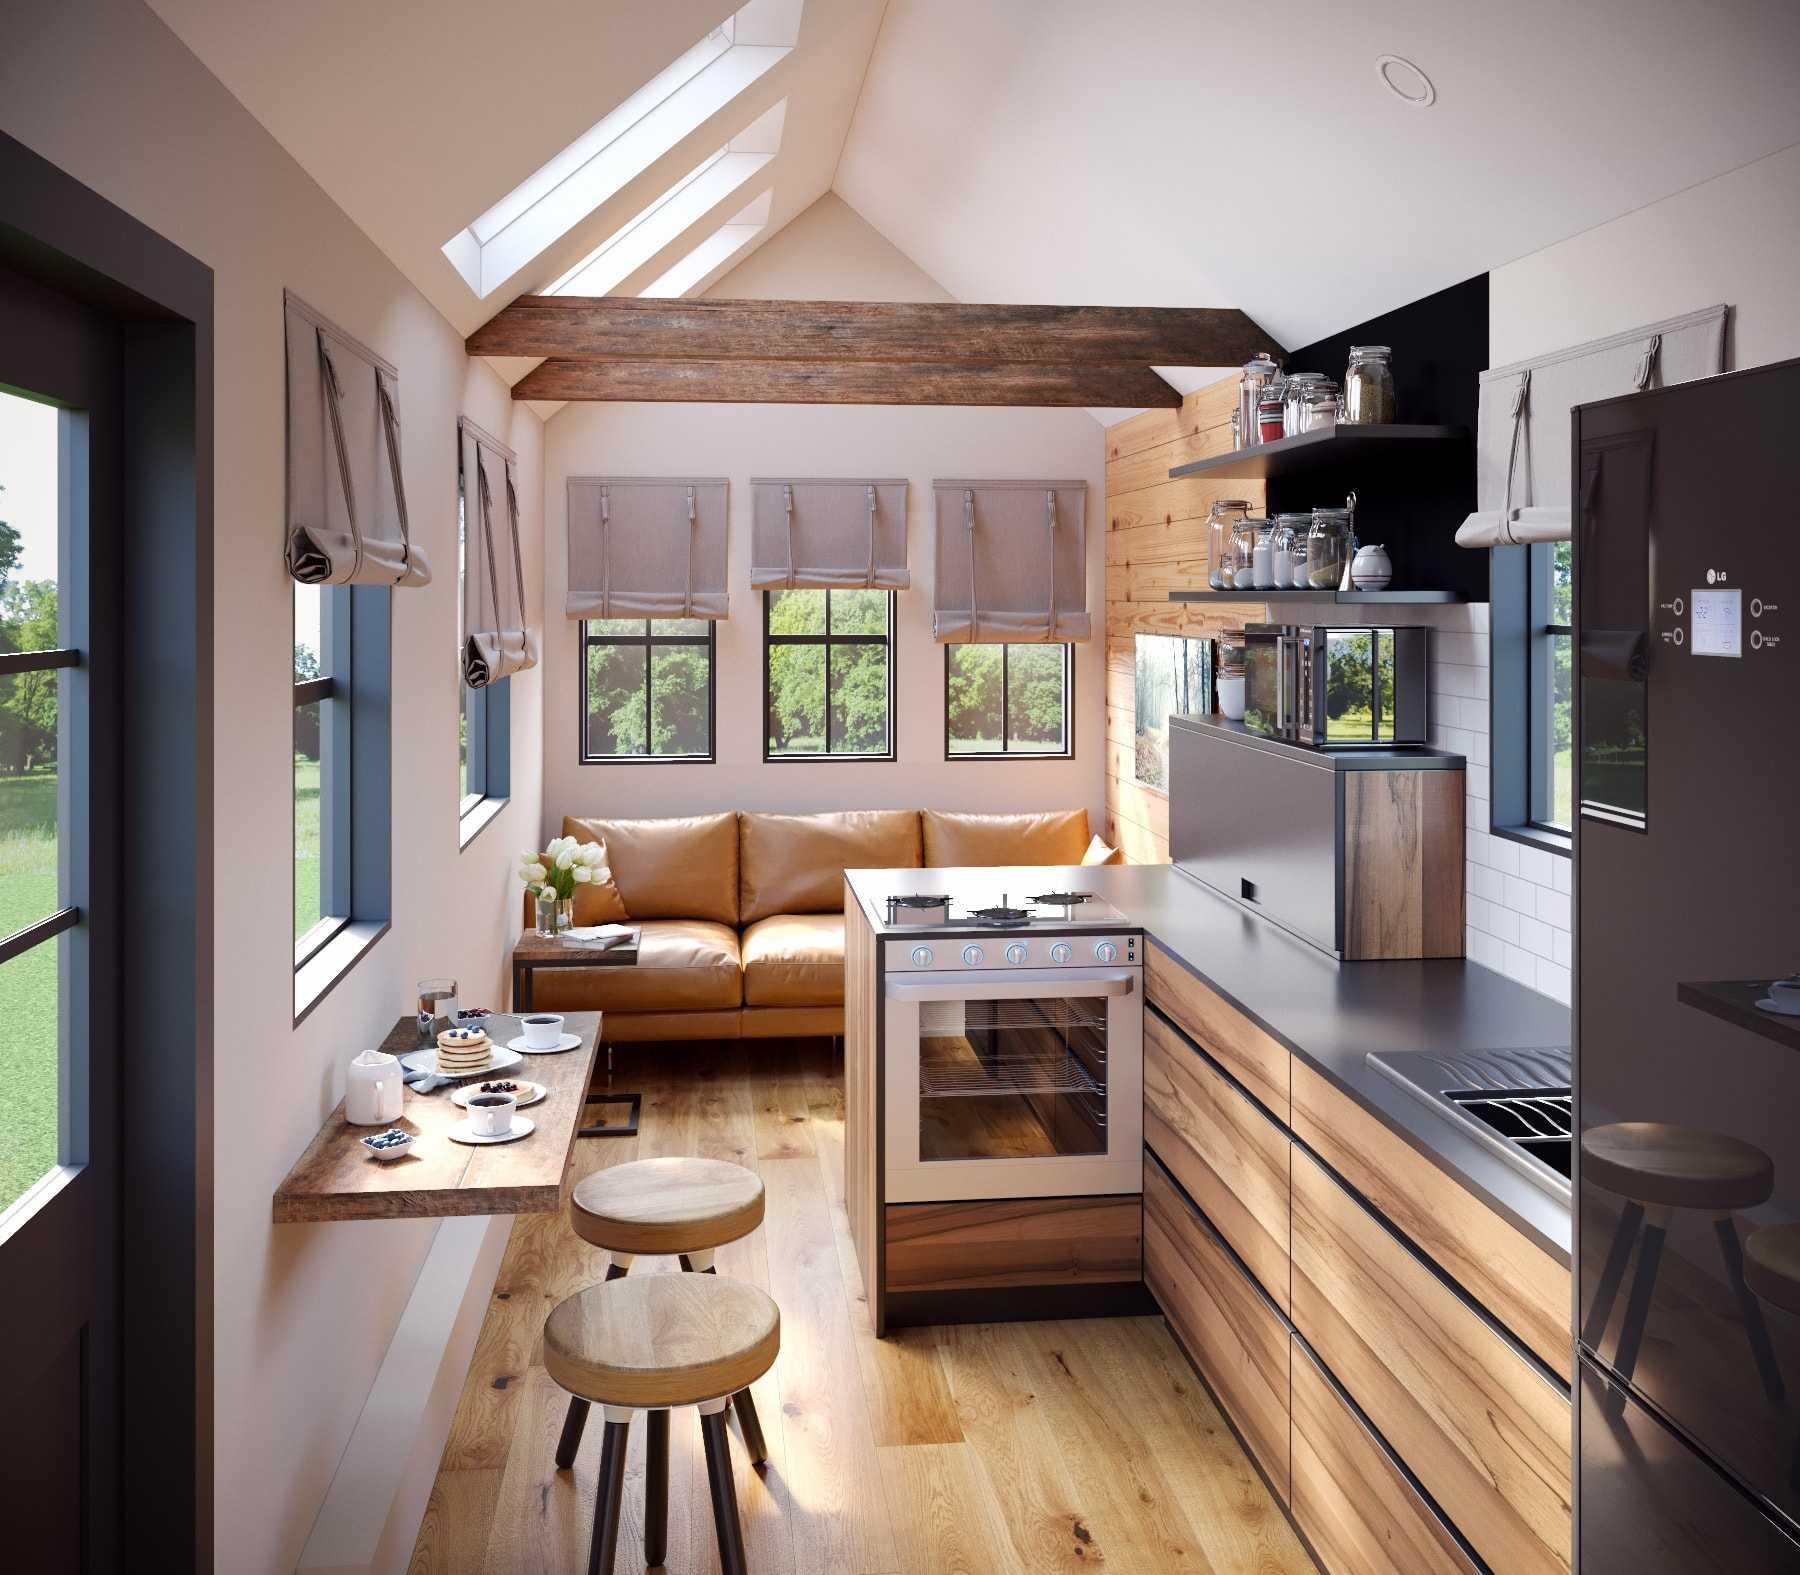 Câte persoane pot locui într-o casă de 27 de metri pătraţi?